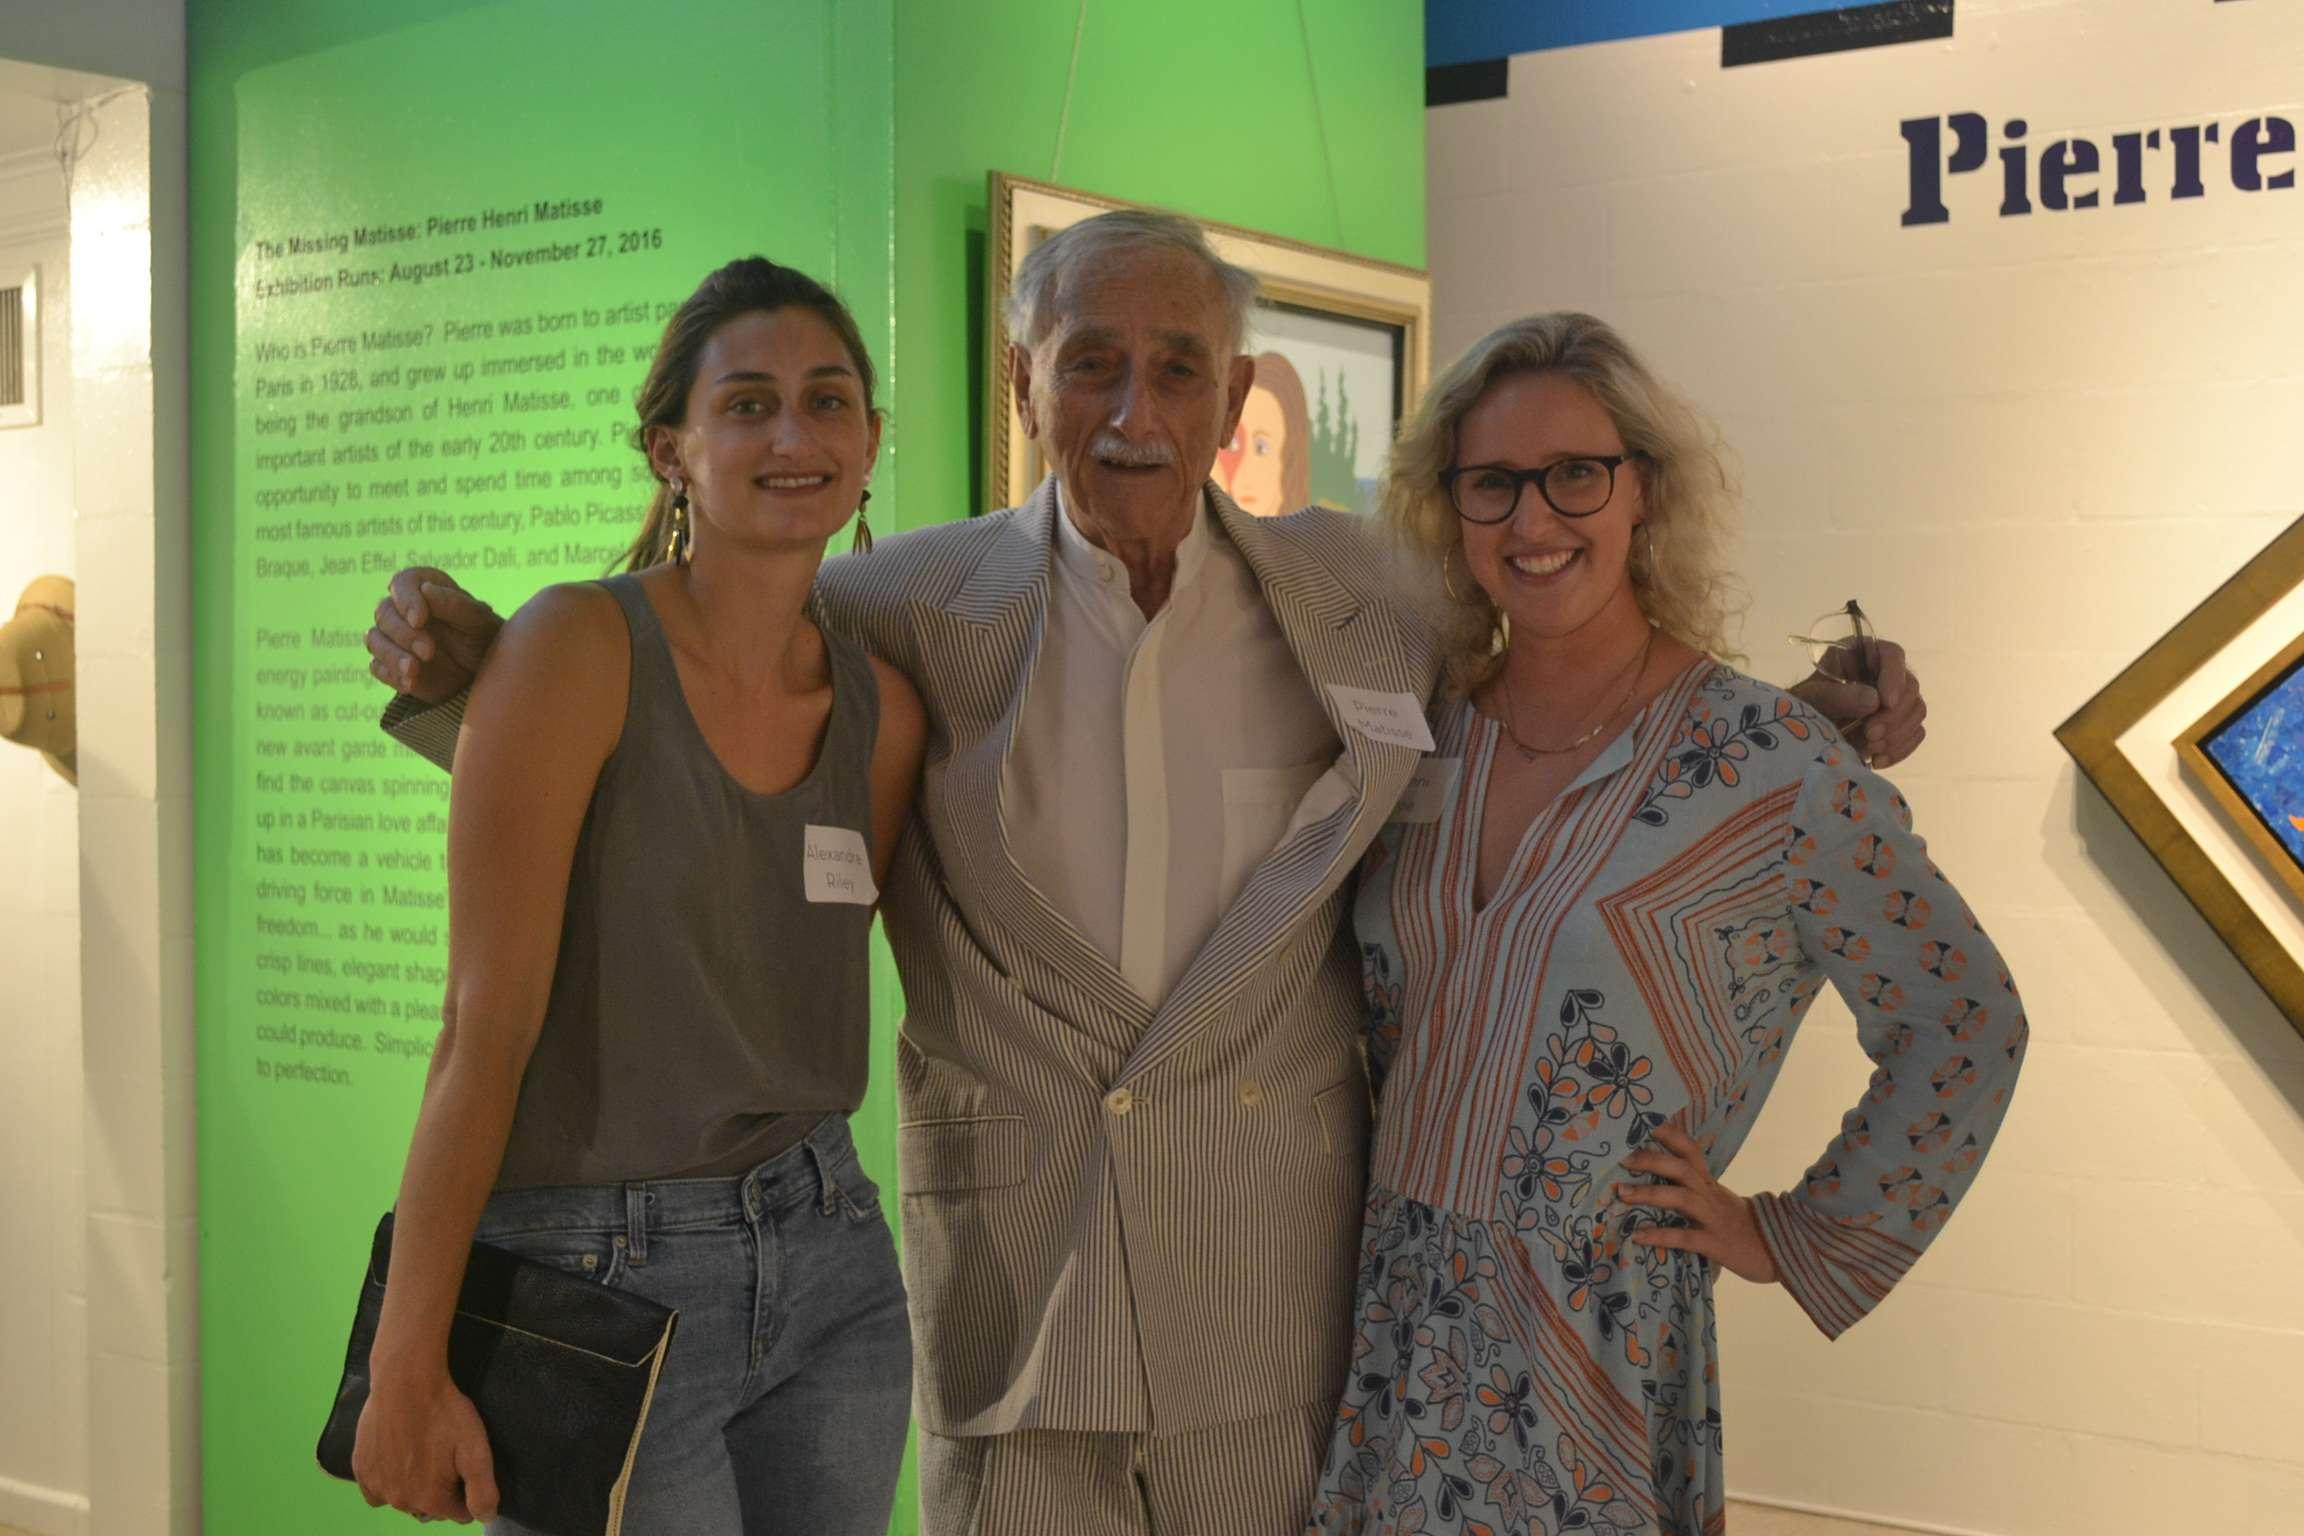 Pierre Matisse and Guests - Albin Polasek Museum & Sculpture Gardens